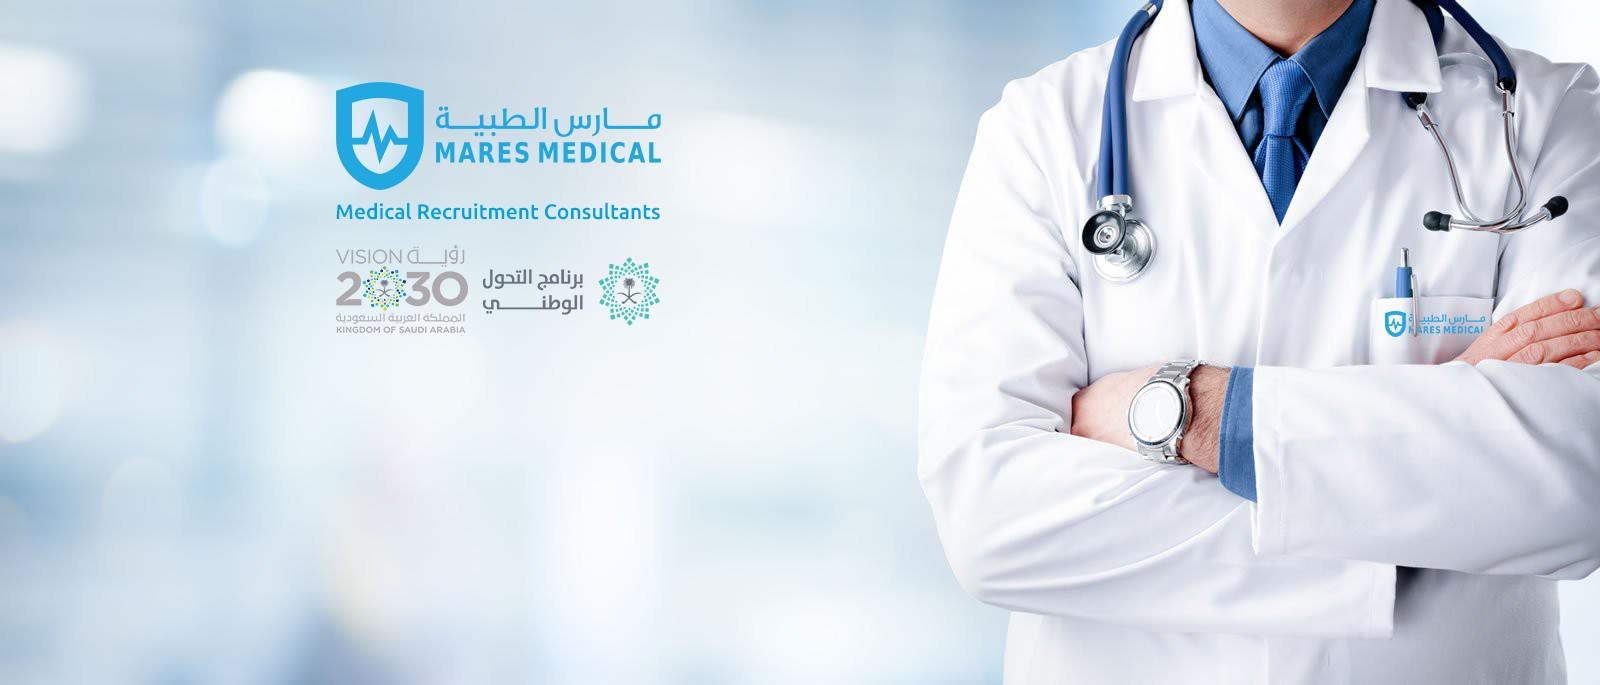 MARES Medical | LinkedIn